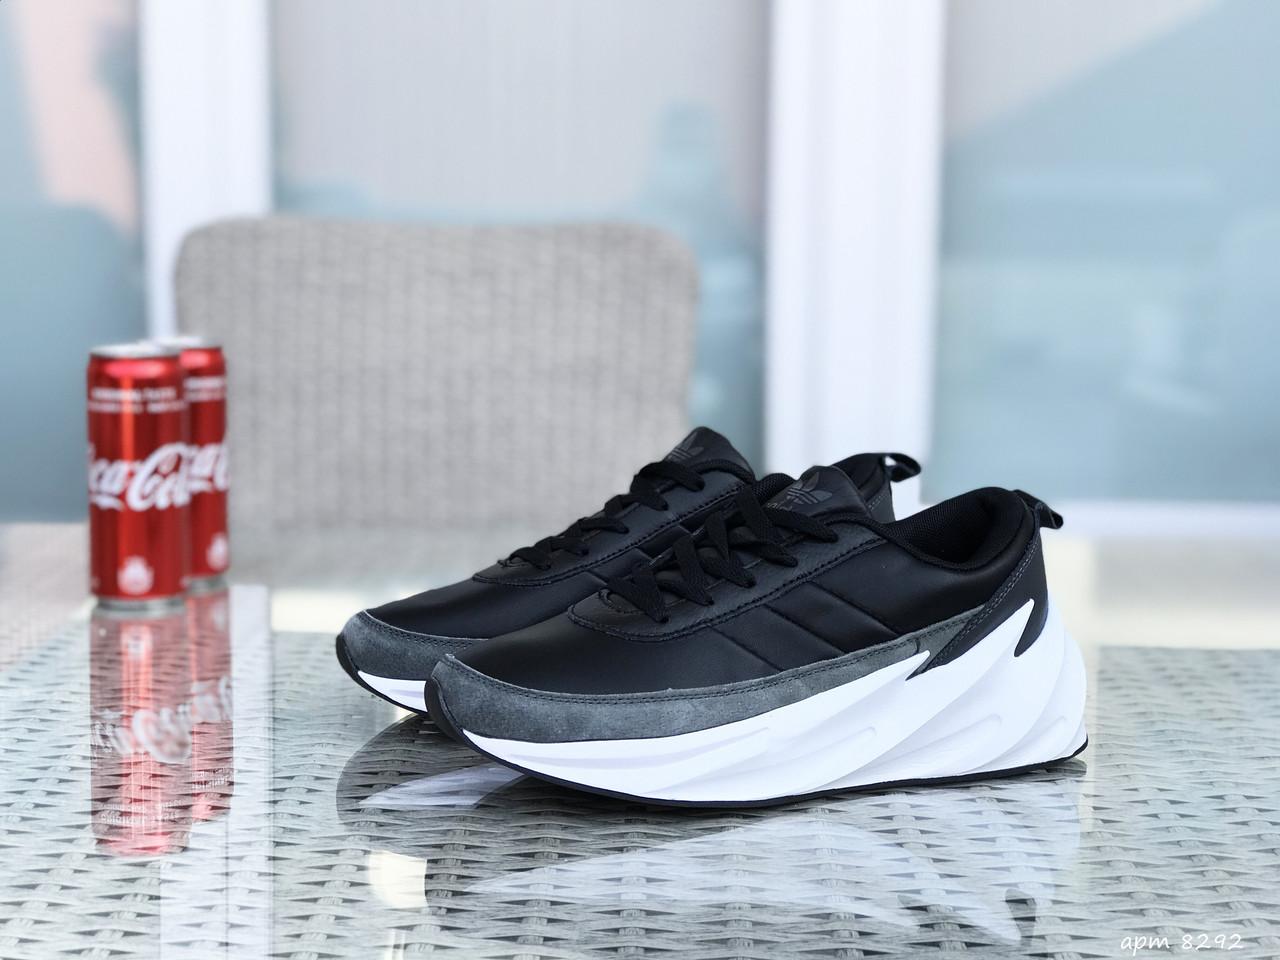 Мужские модные кроссовки (в стиле) Adidas Sharks,черно-серые с белым